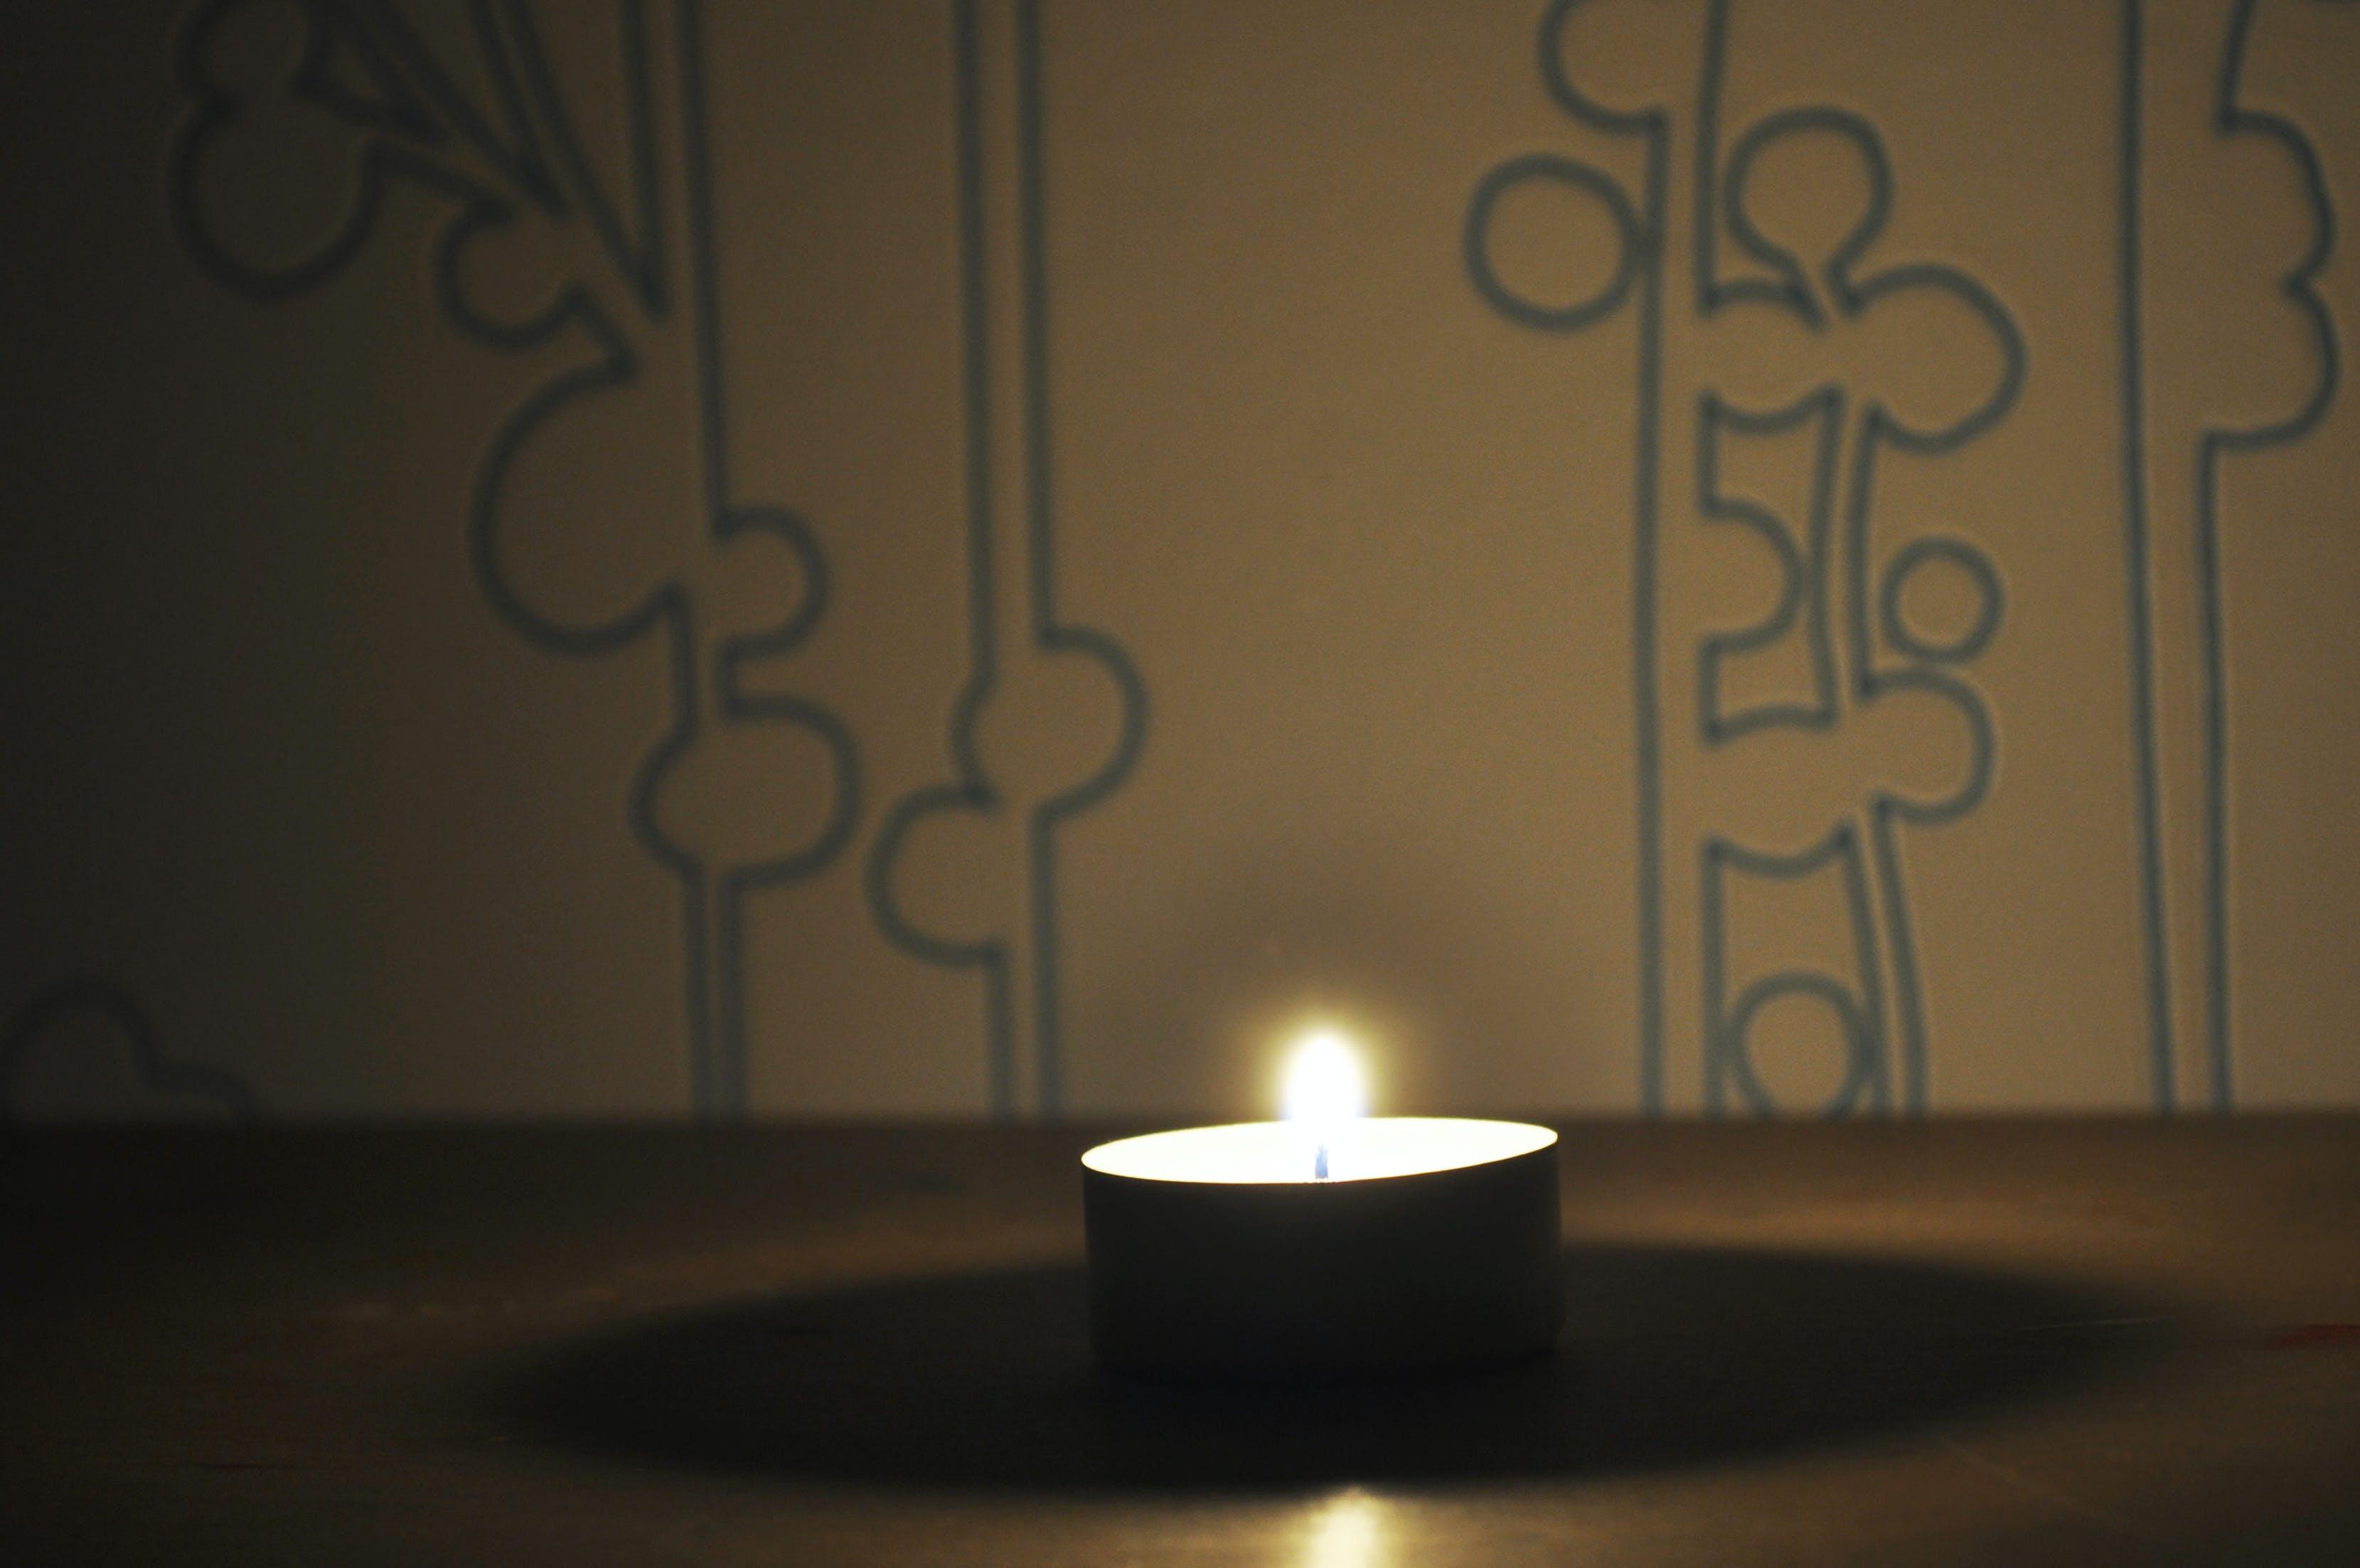 Immagine gratuita di atmosfera, atmosferico, candela, inverno